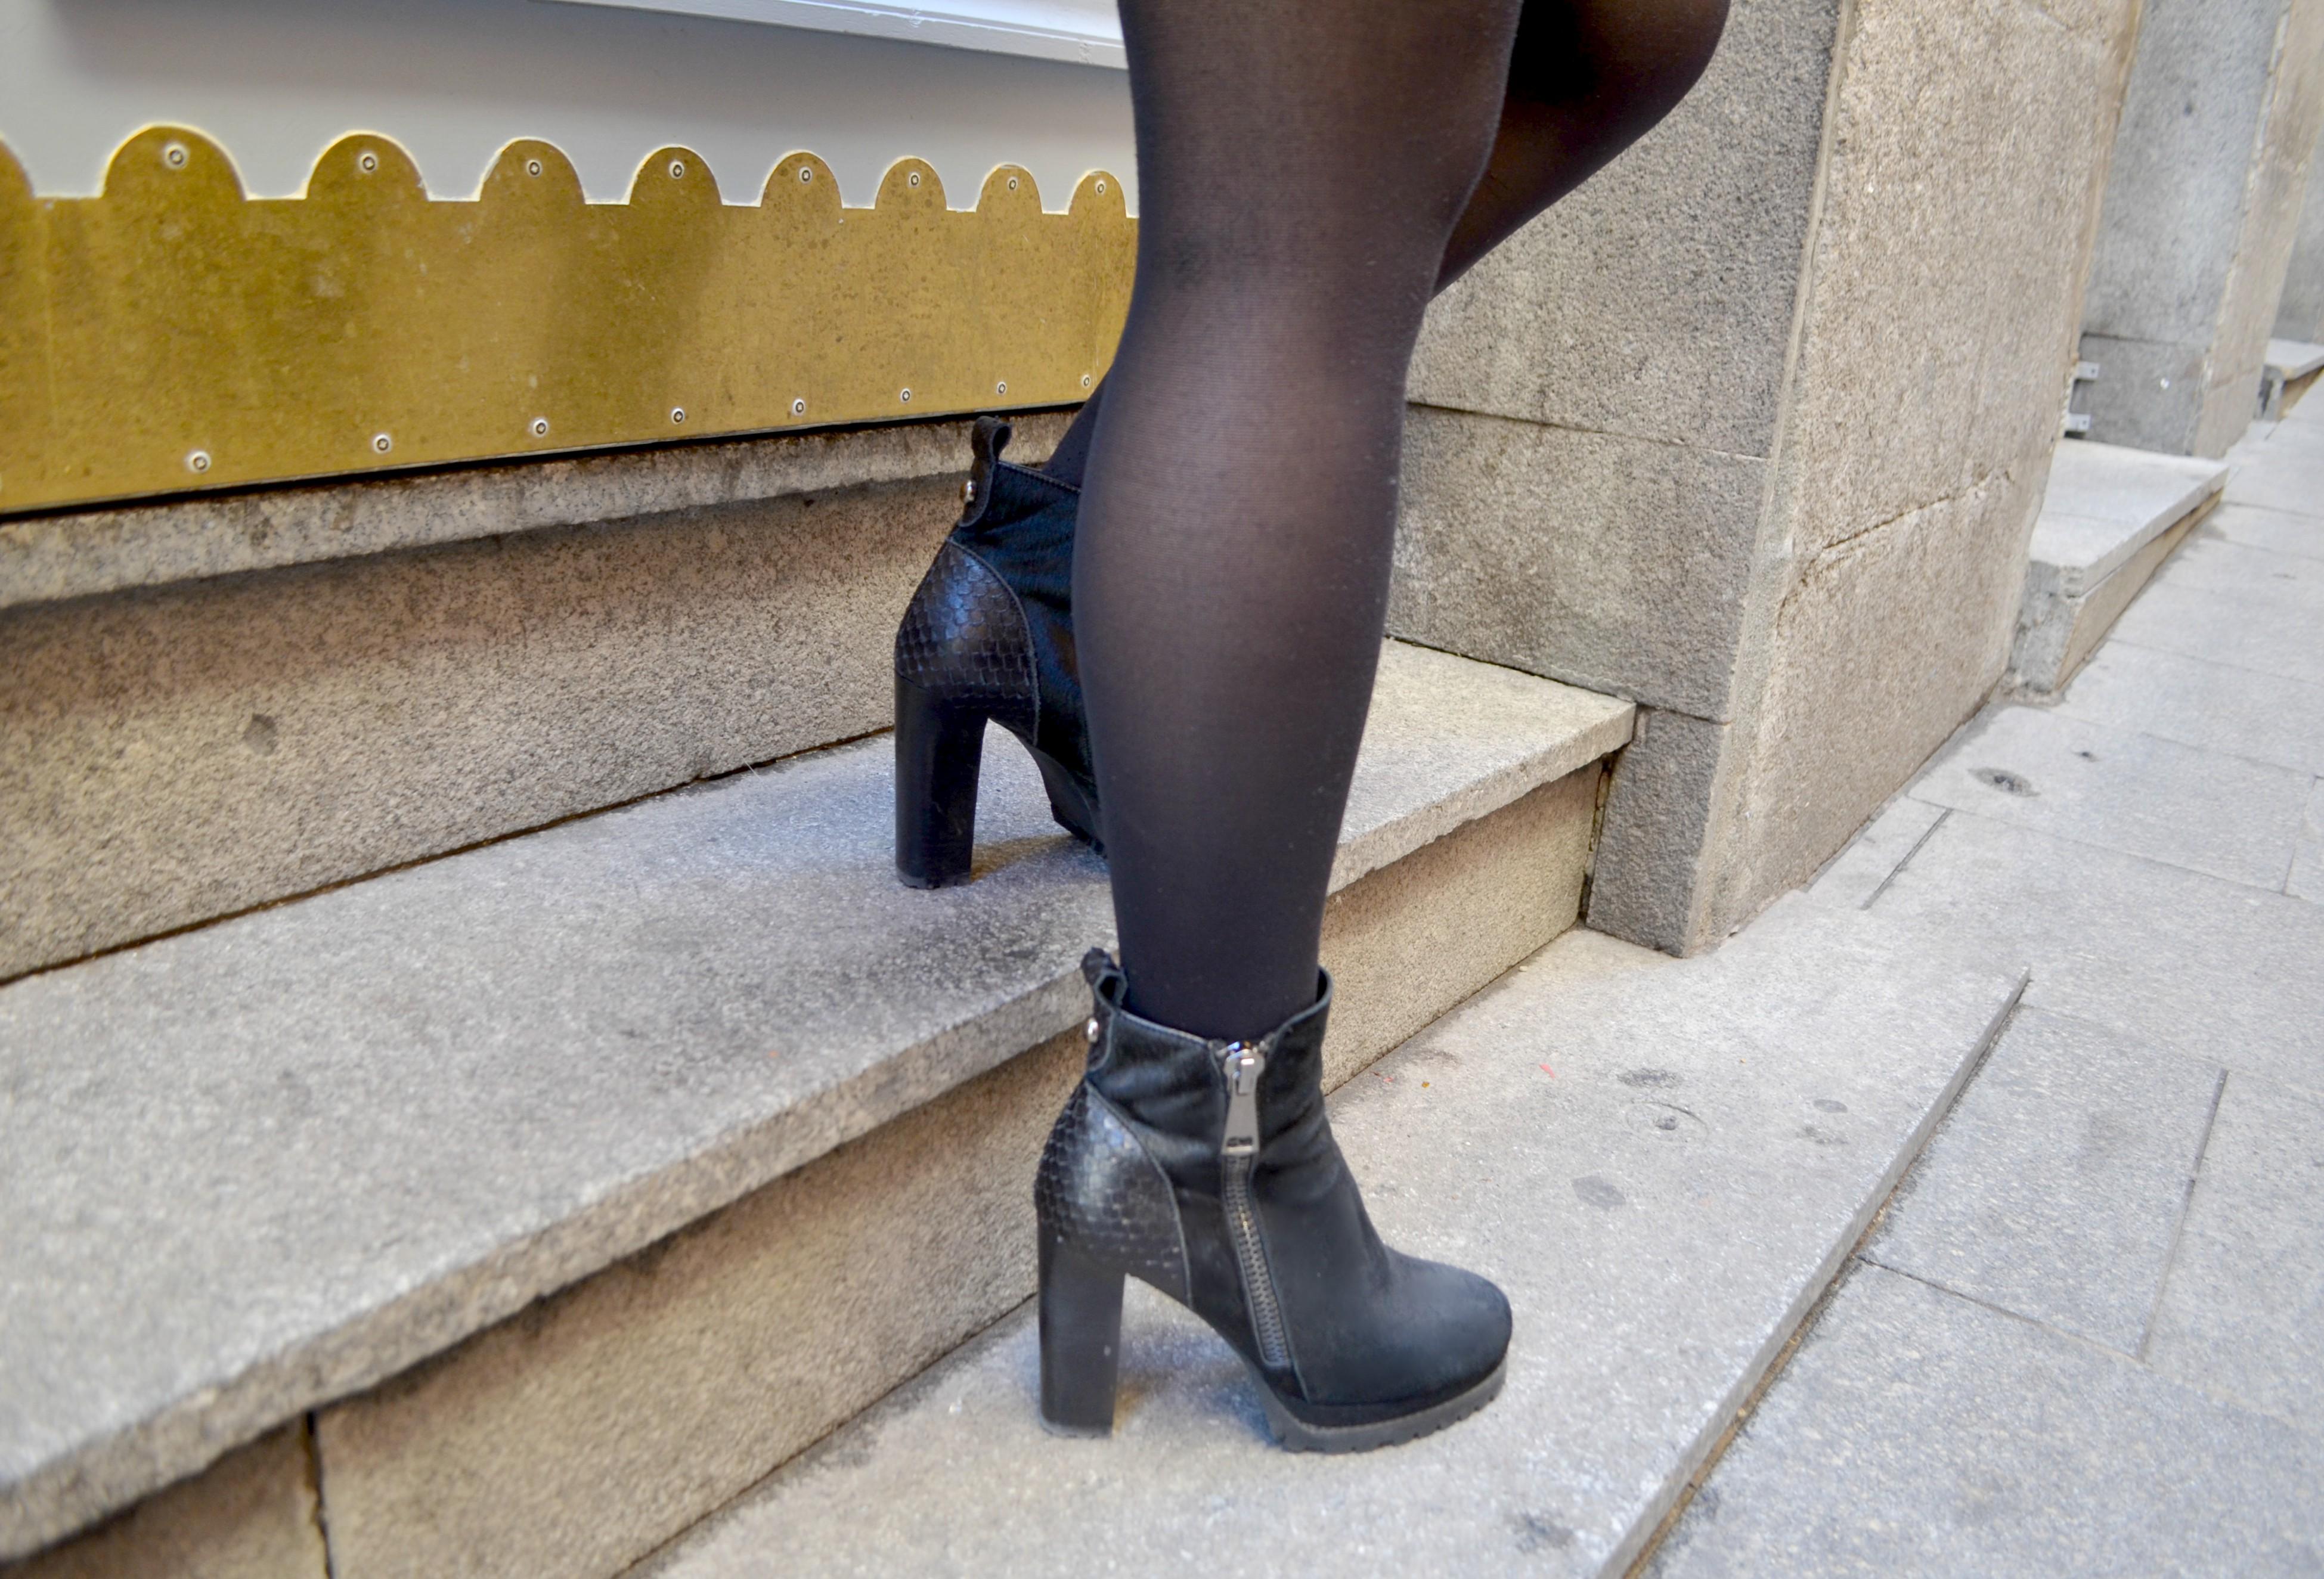 Alma-en-pena-shoes-ChicAdicta-botines-negros-blog-de-moda-Chic-Adicta-black-booties-zapatos-negros-PiensaenChic-Piensa-en-Chic